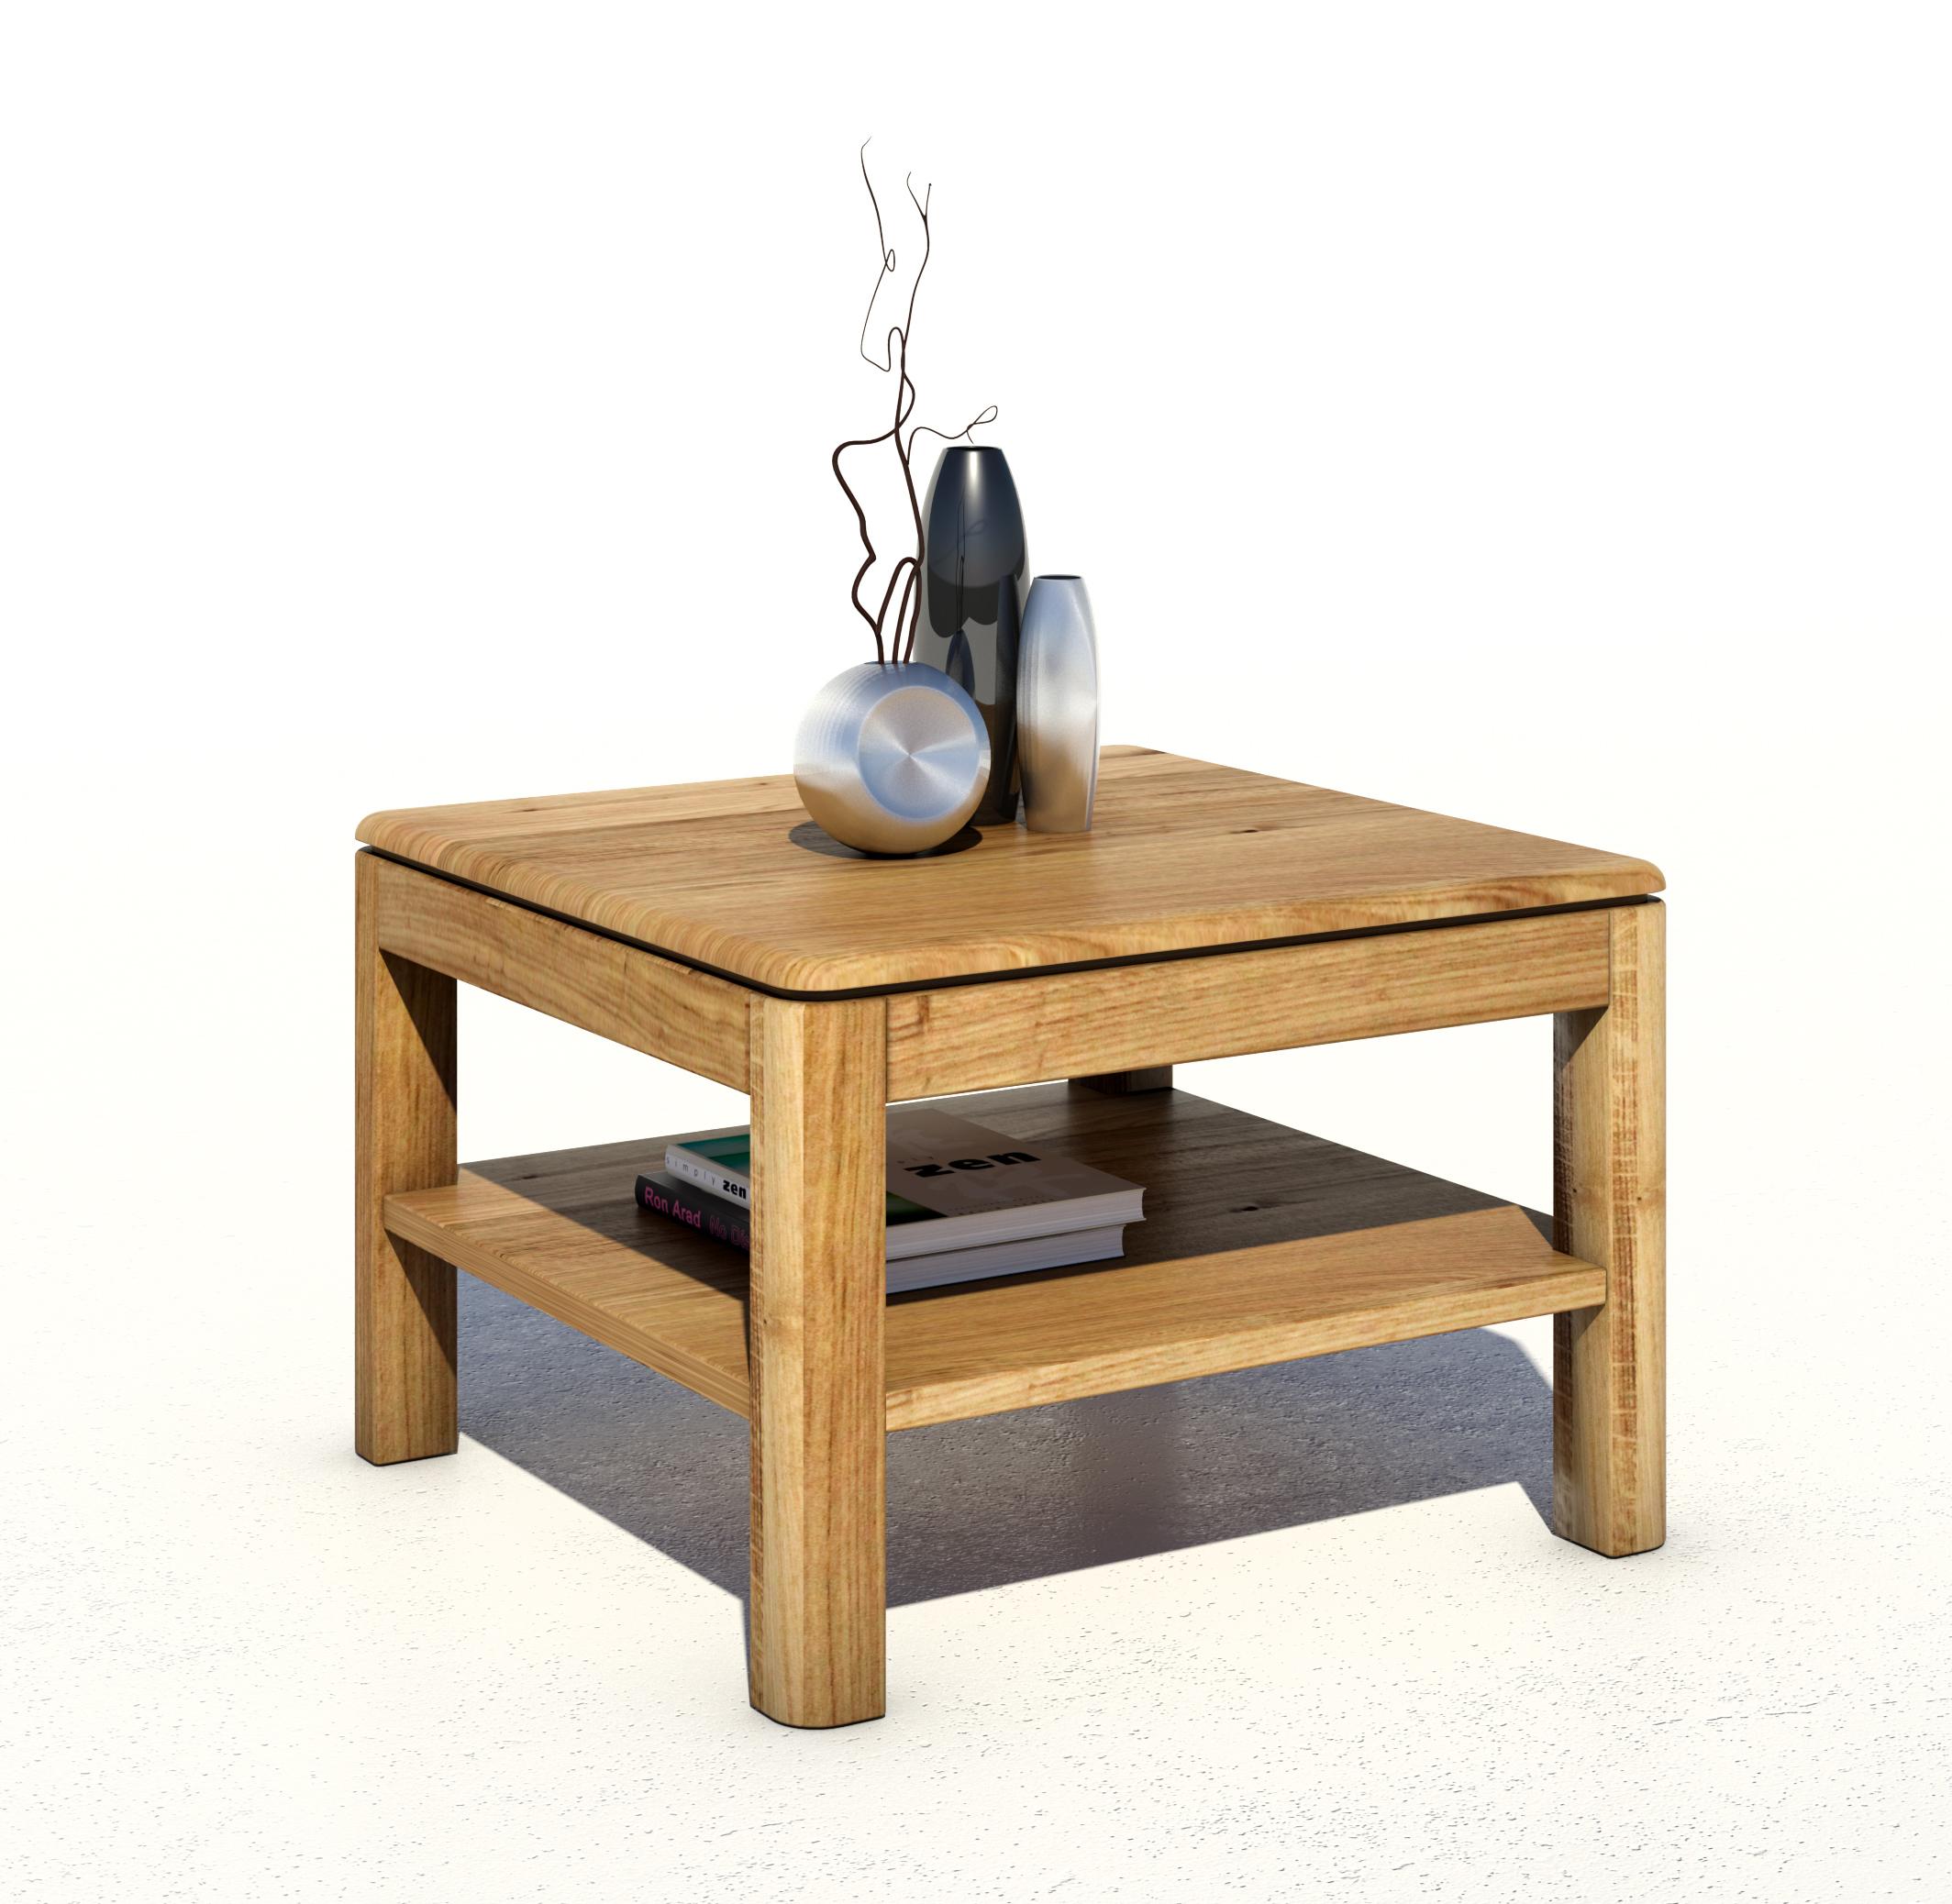 eleganter couchtisch 65x65 mit abgerundeten kanten wildeiche massiv ge lt serie kreta. Black Bedroom Furniture Sets. Home Design Ideas